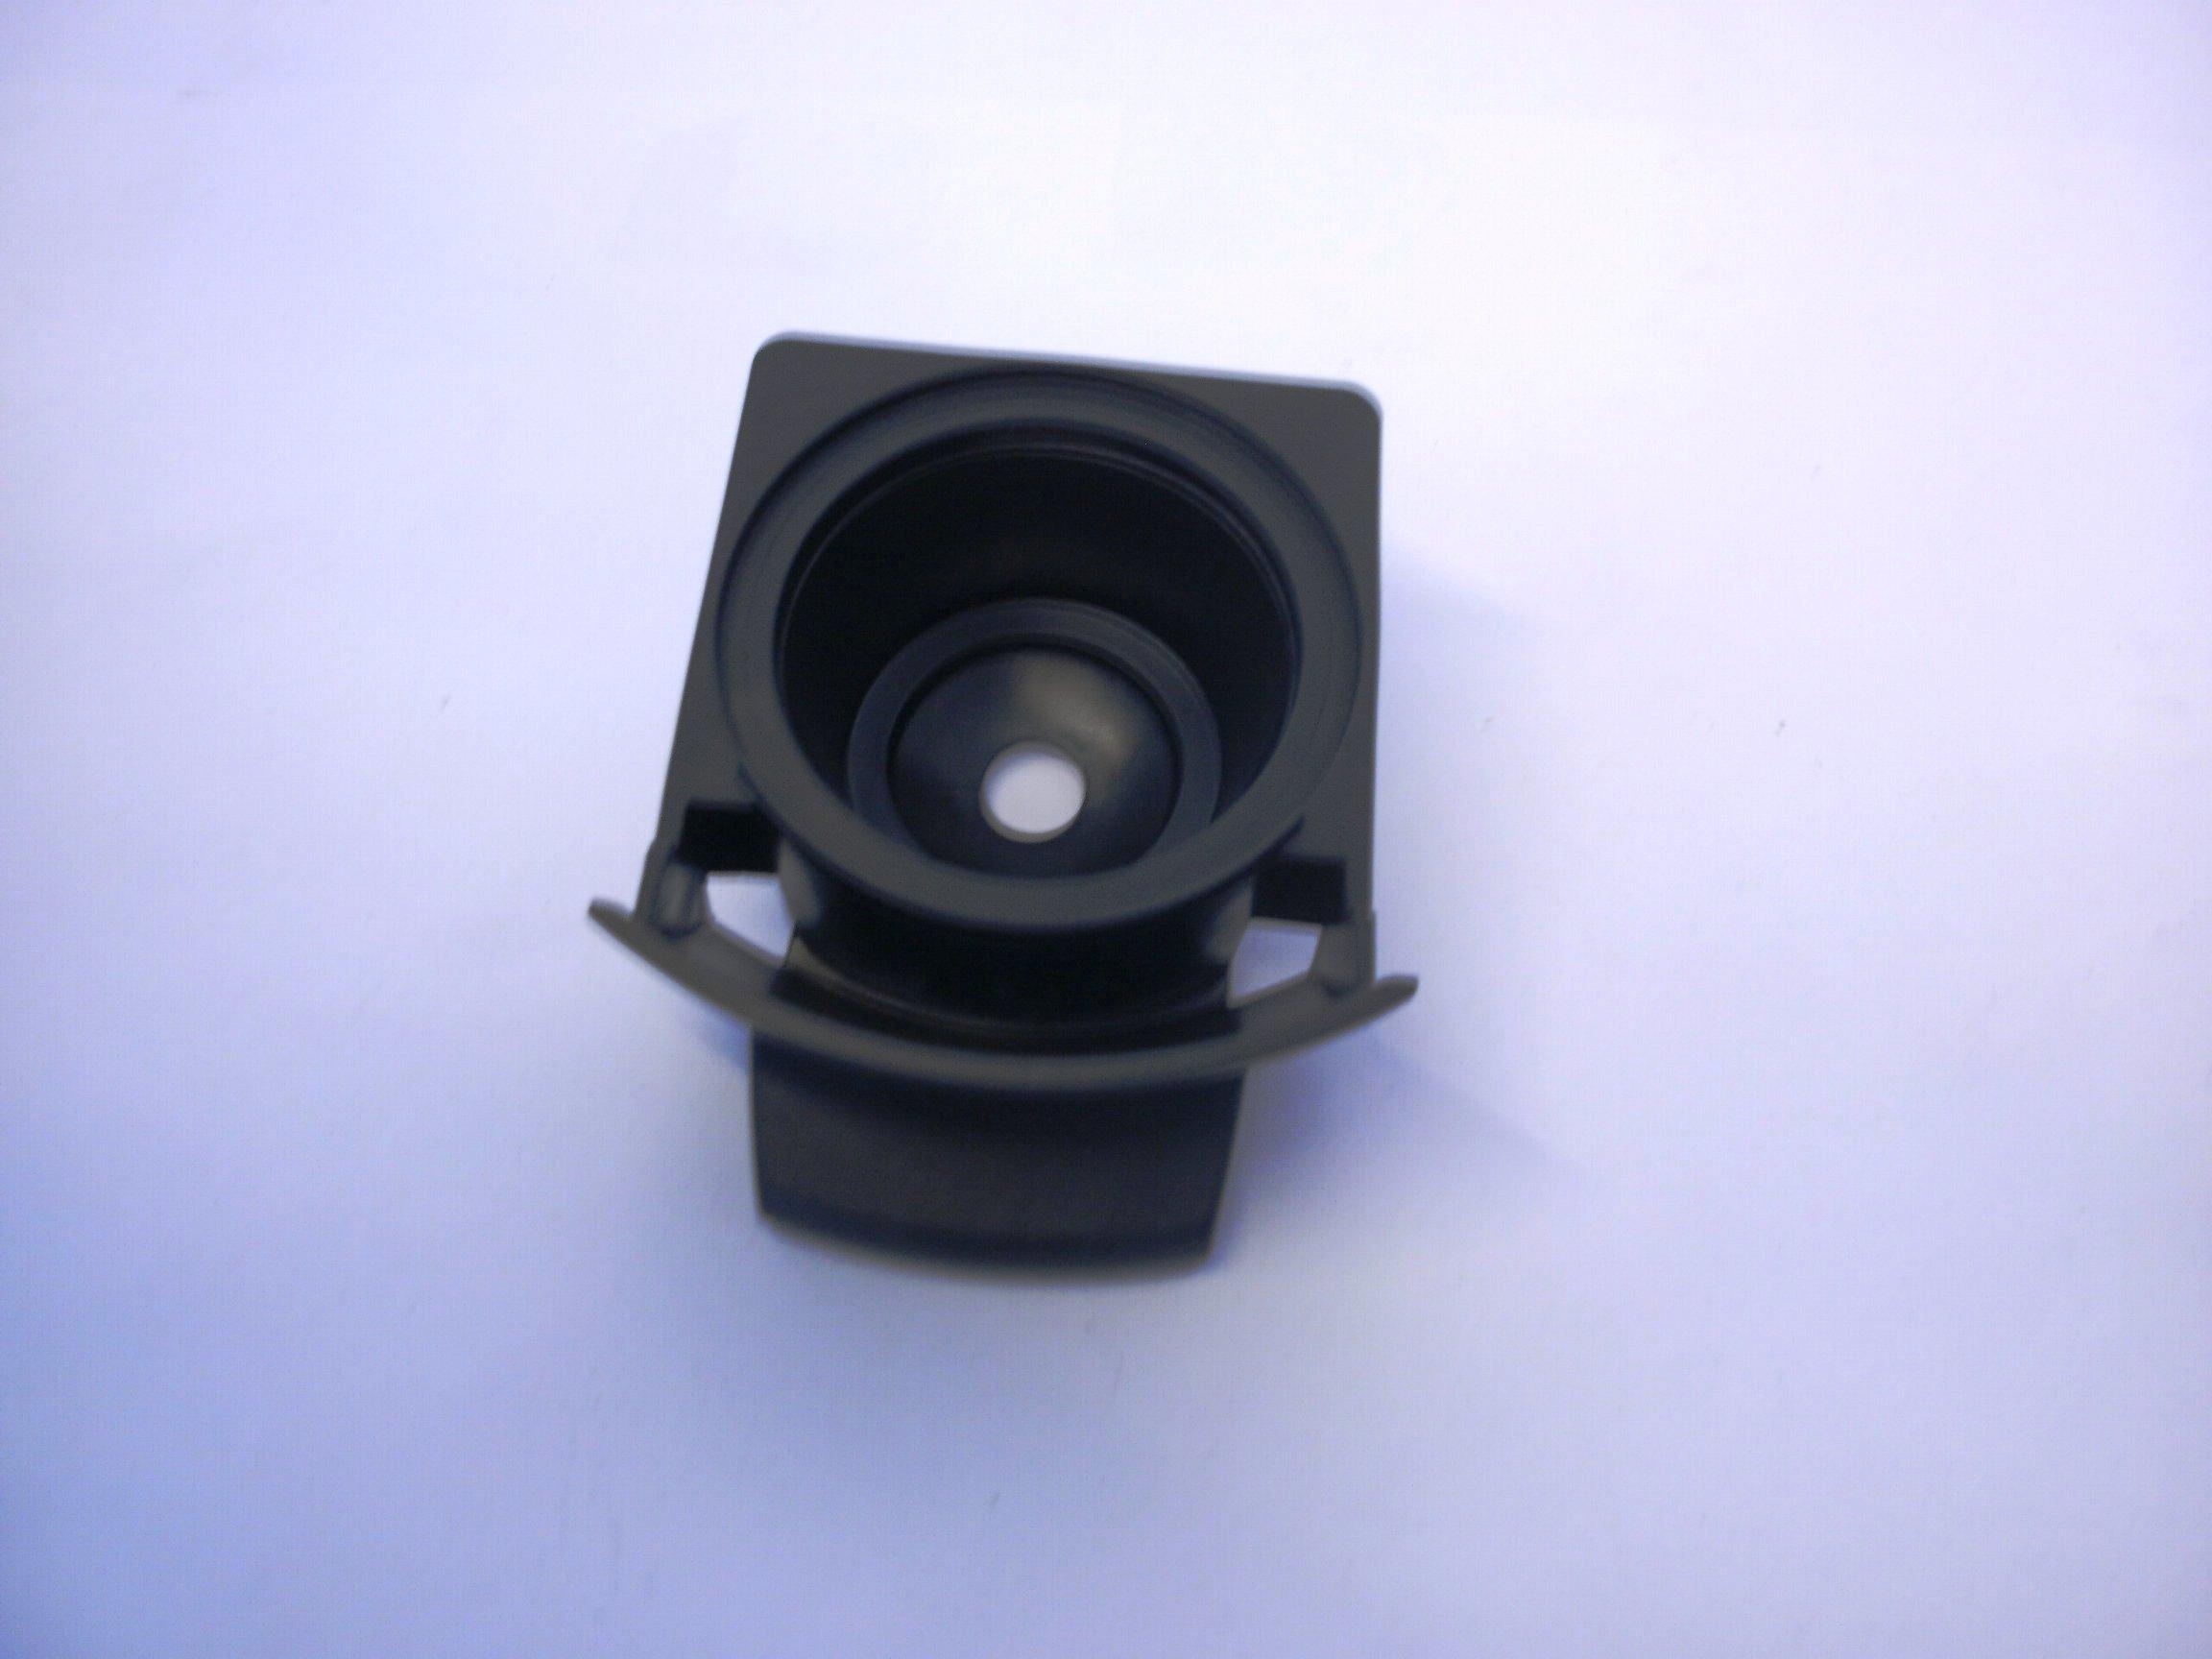 Krups Dolce Gusto Pod Holder, Capsuledispenser, Replacement part, MS-623037 for Genio, KP150910/7Z0